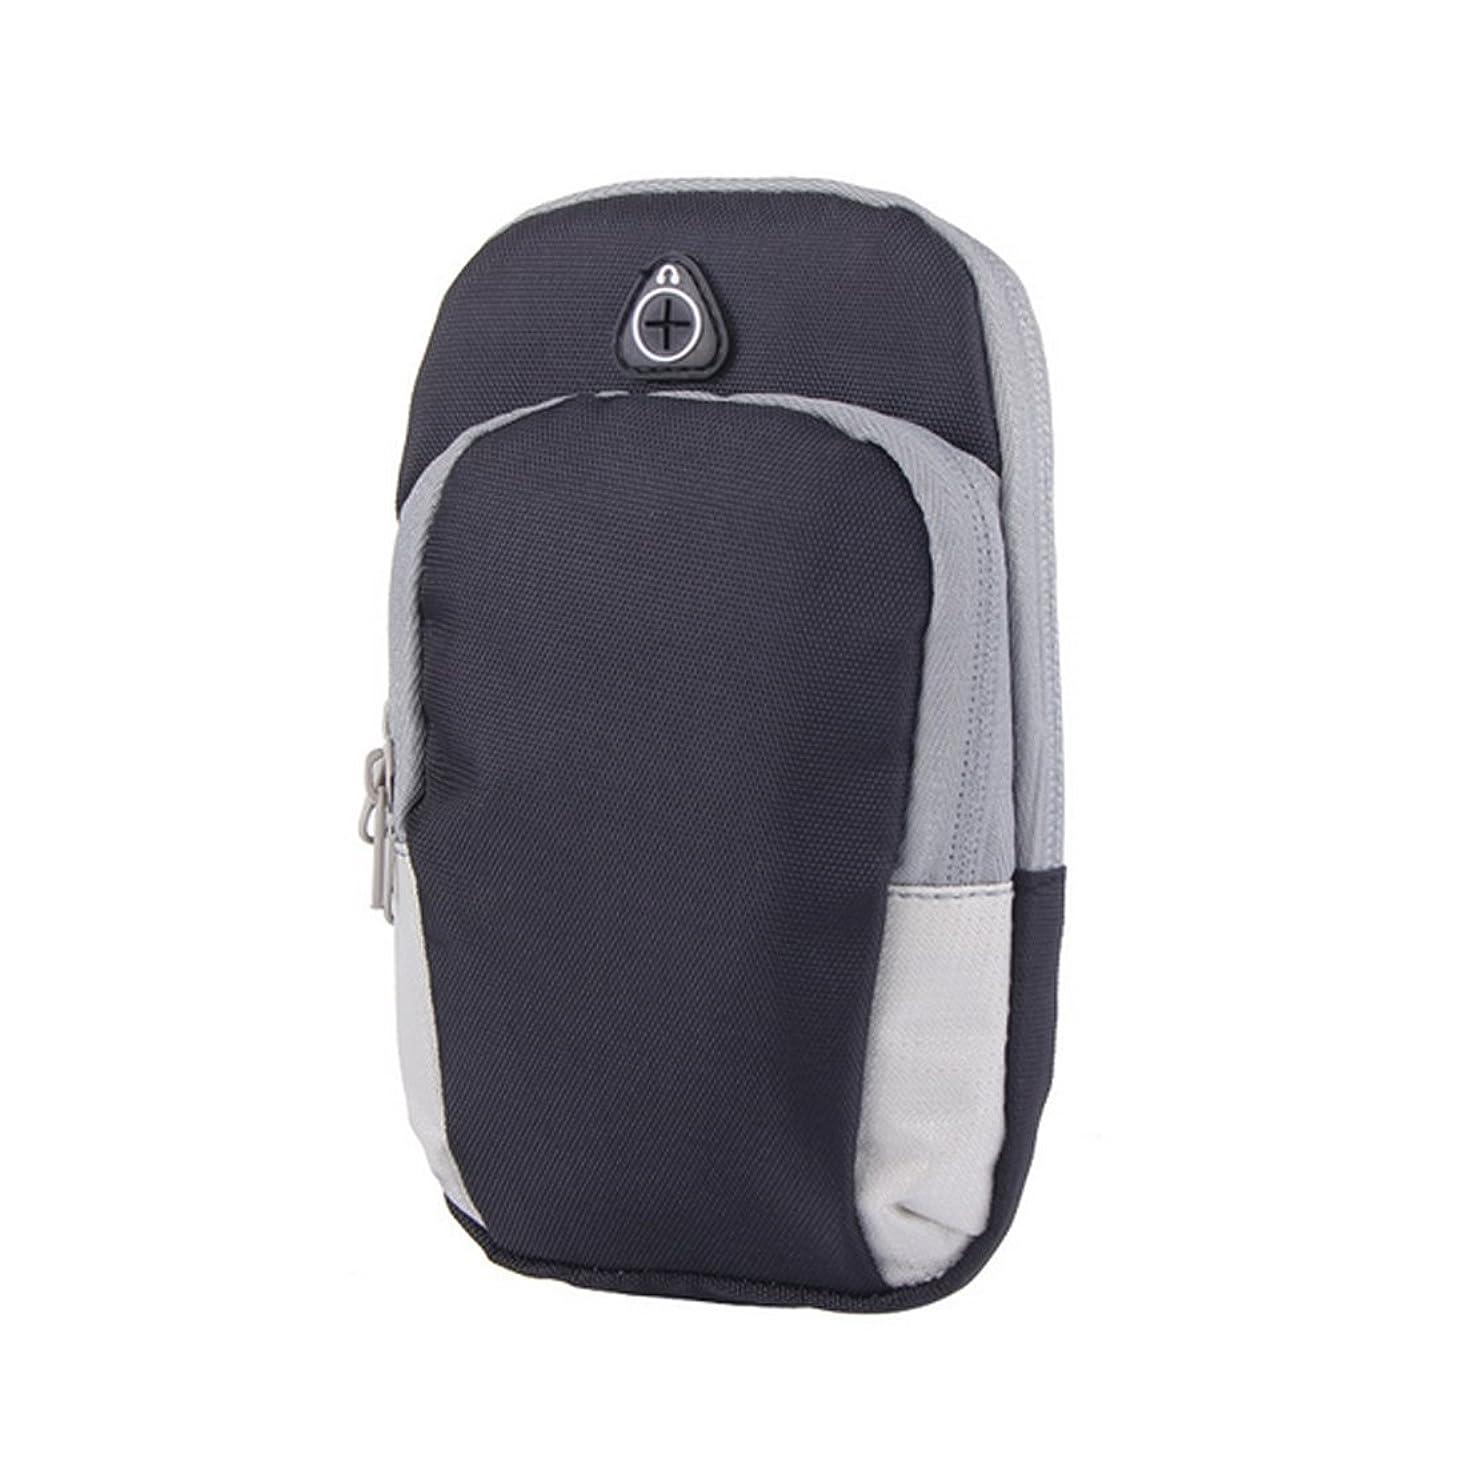 エレクトロニックグラム不公平ダクロンスポーツランニングジョギングジムアームバンドホルダーバッグ携帯電話用